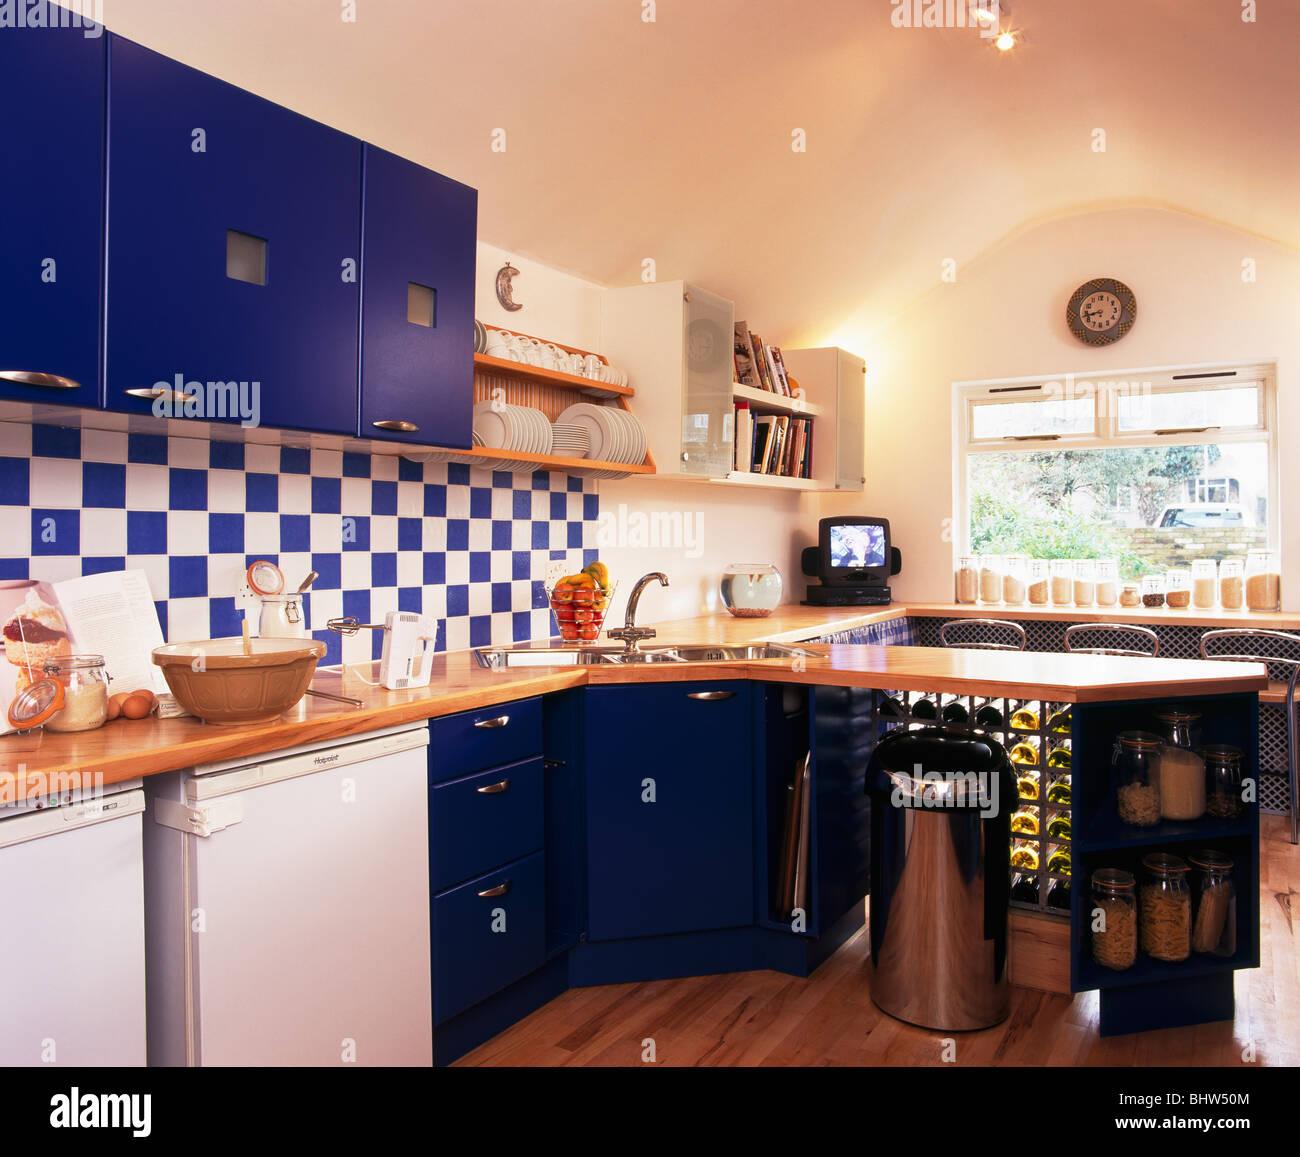 Blaue + weiße Wandfliesen in moderne Küche mit blauen Einbauschränke ...